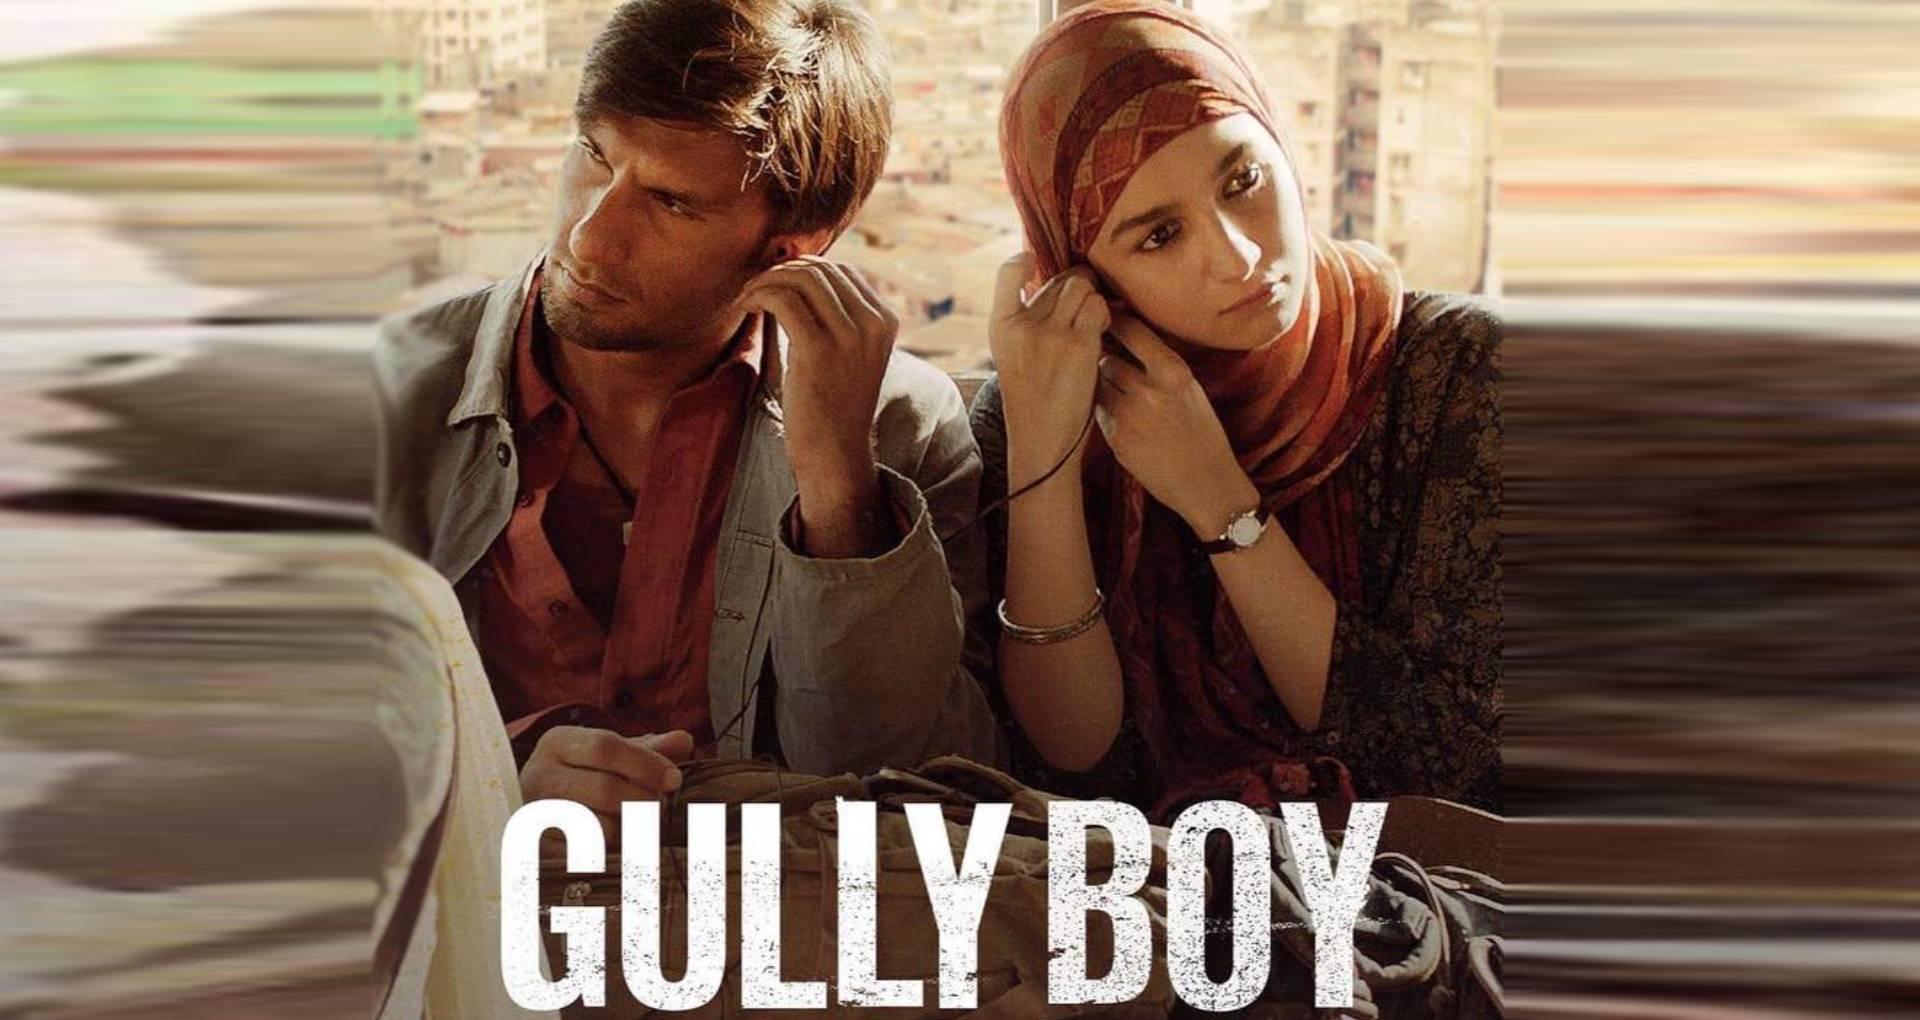 गल्ली बॉय मूवी रिव्यूः रणवीर सिंह के फर्श से अर्श तक के सफर की असली कहानी बयां करती है जोया अख्तर की फिल्म